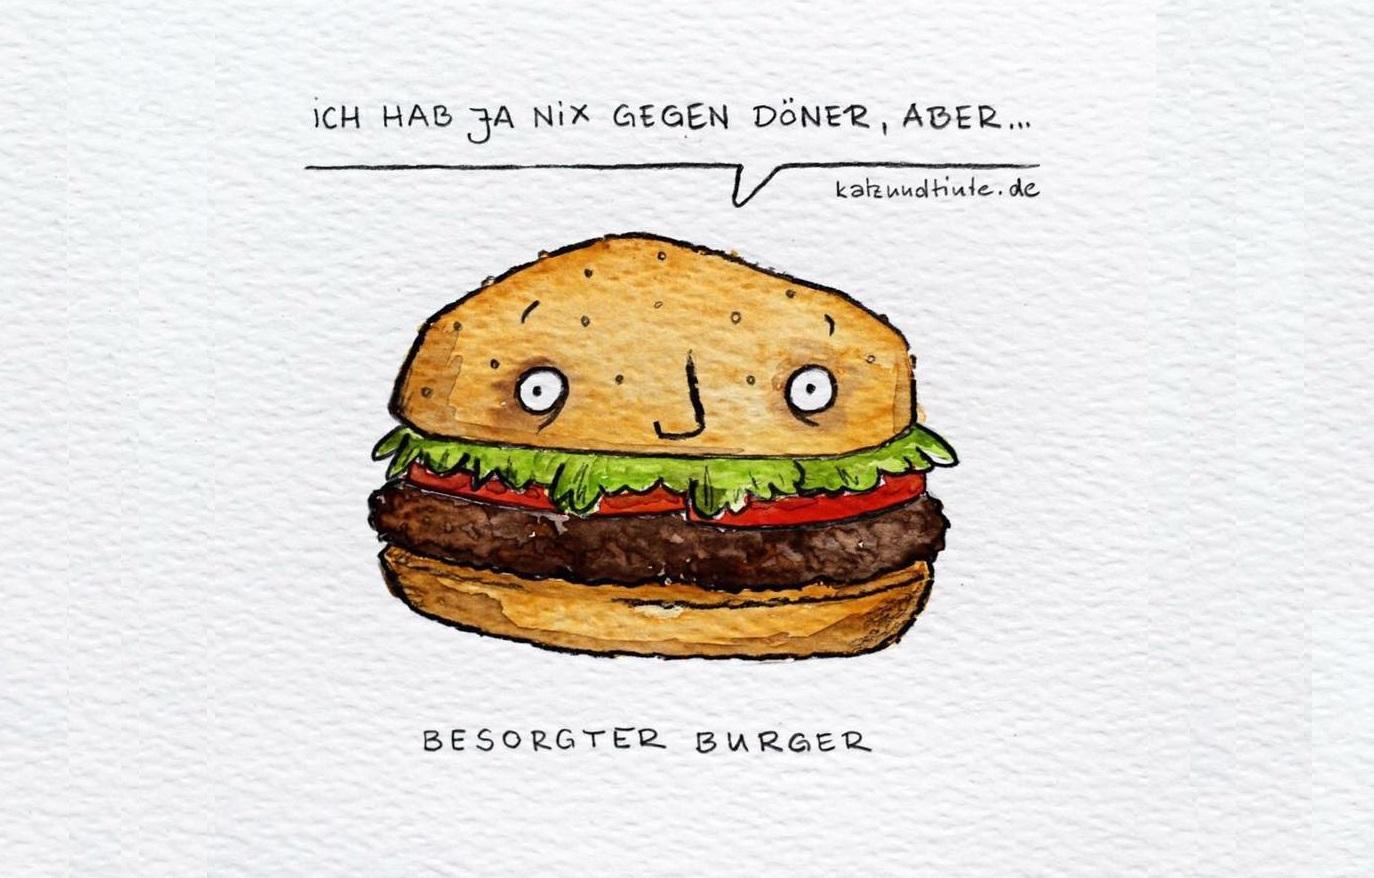 Besorgte Burger, kranke Montage und glutenintolerante Vögel